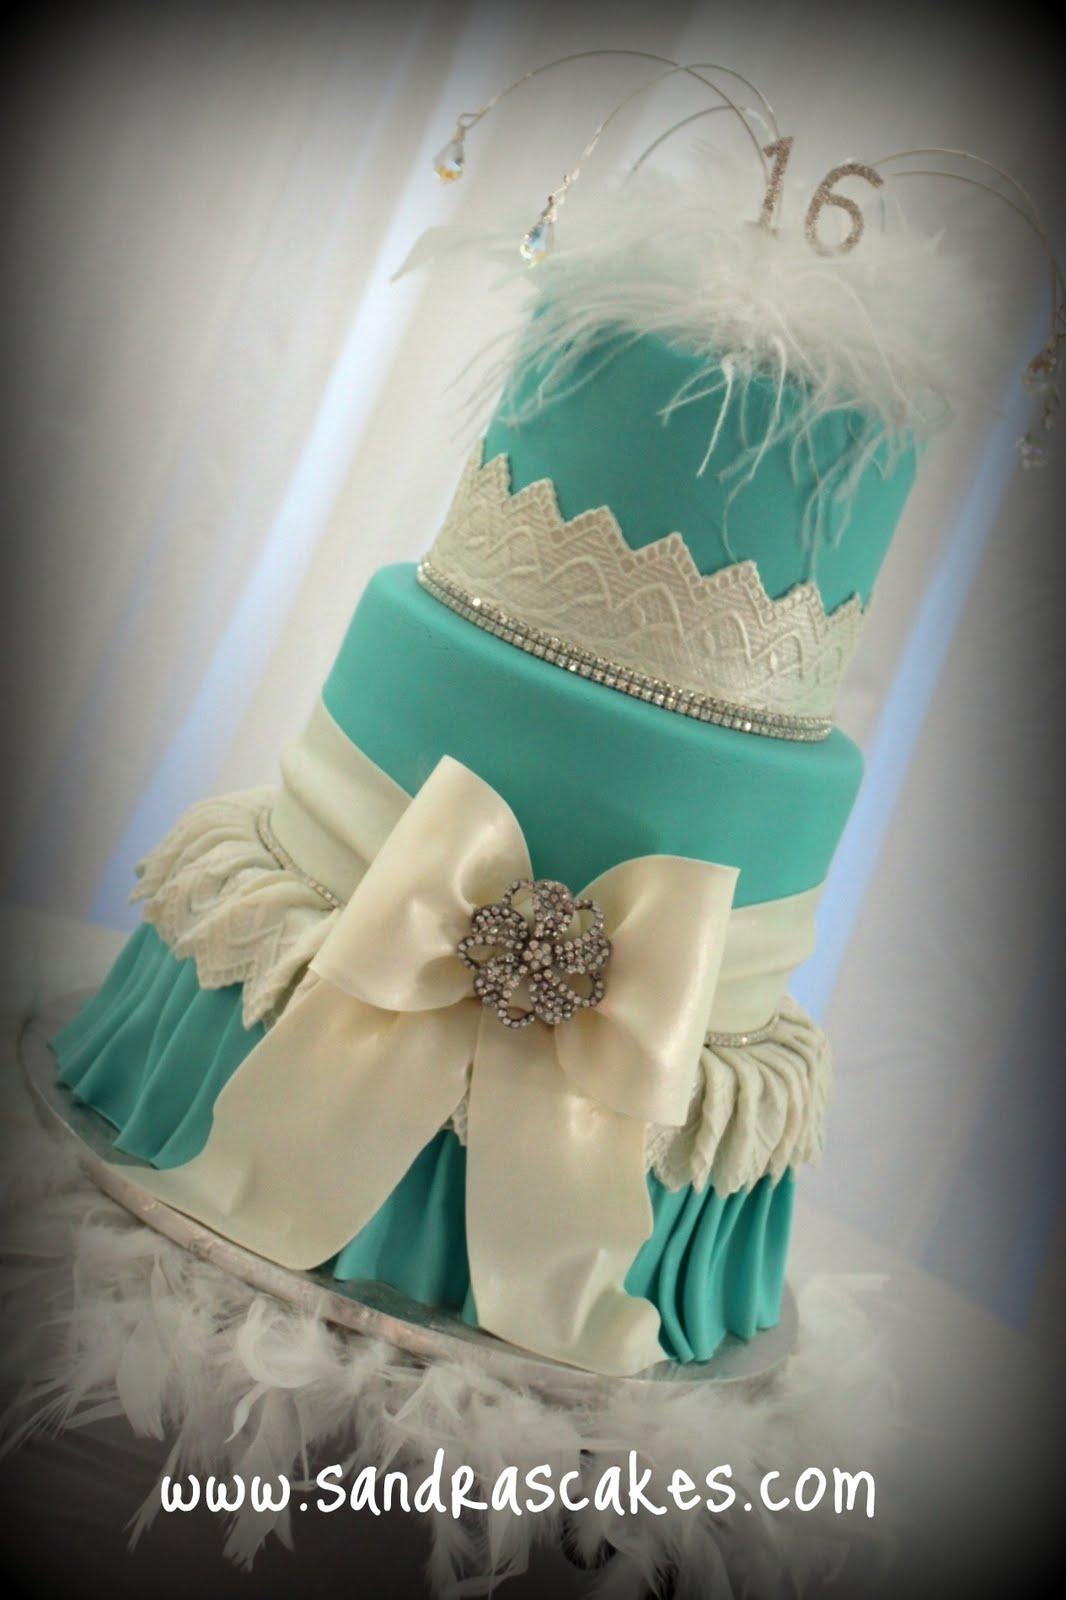 On Birthday Cakes Breakfast At Tiffany S Cake